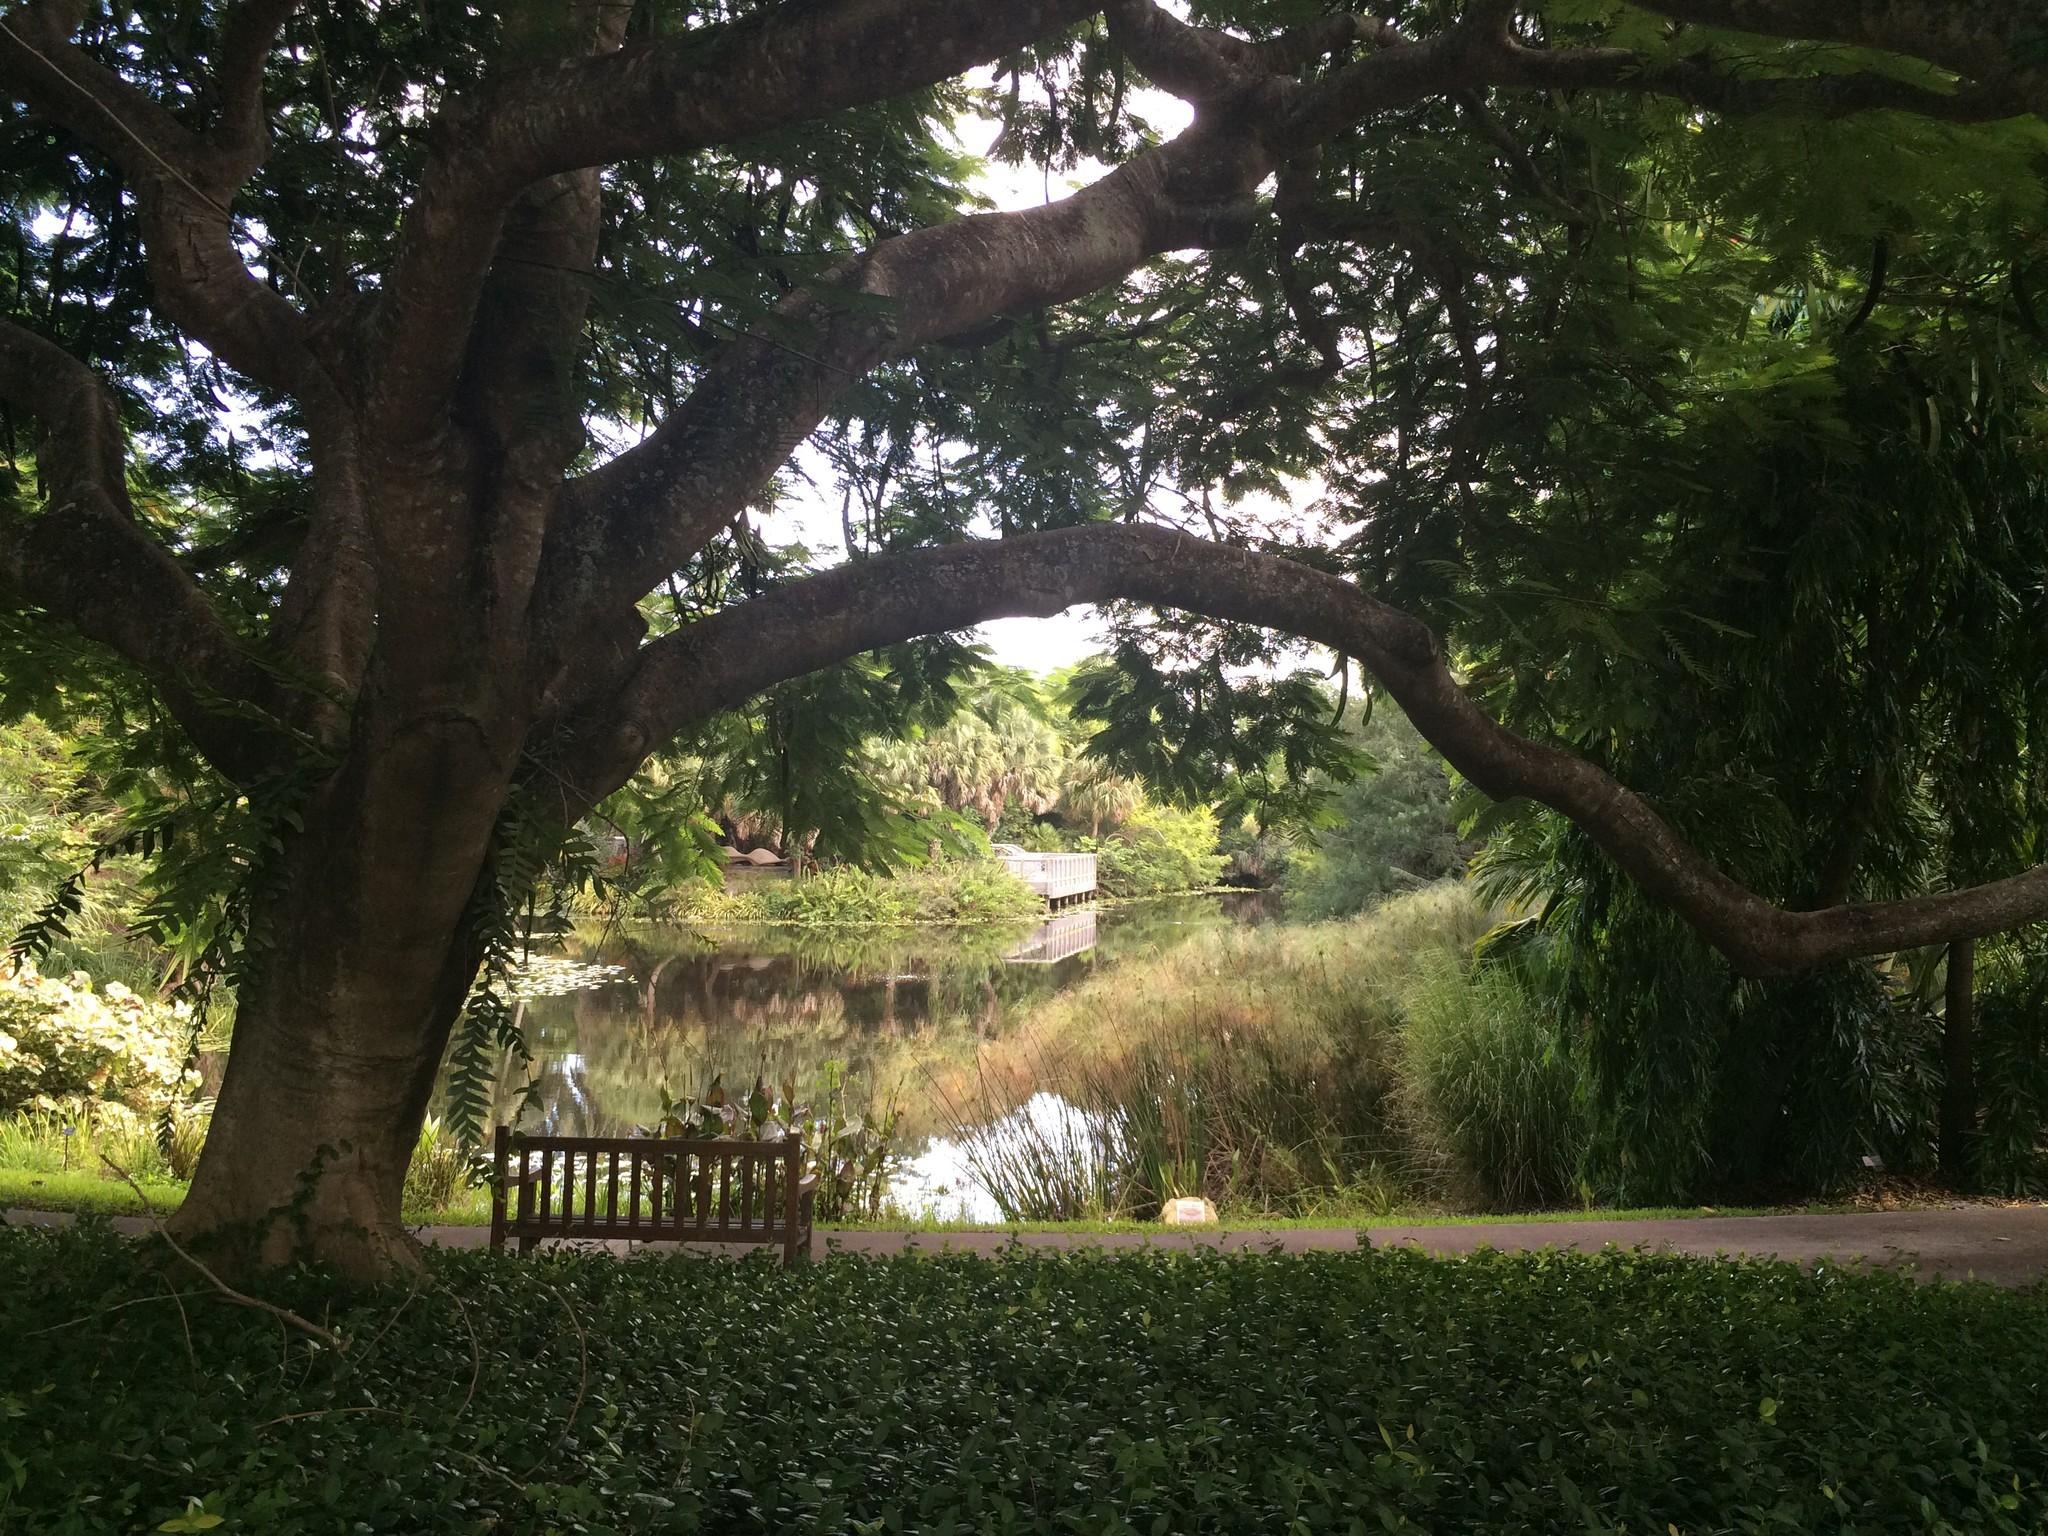 Mounts Botanical Garden In West Palm Beach Orlando Sentinel